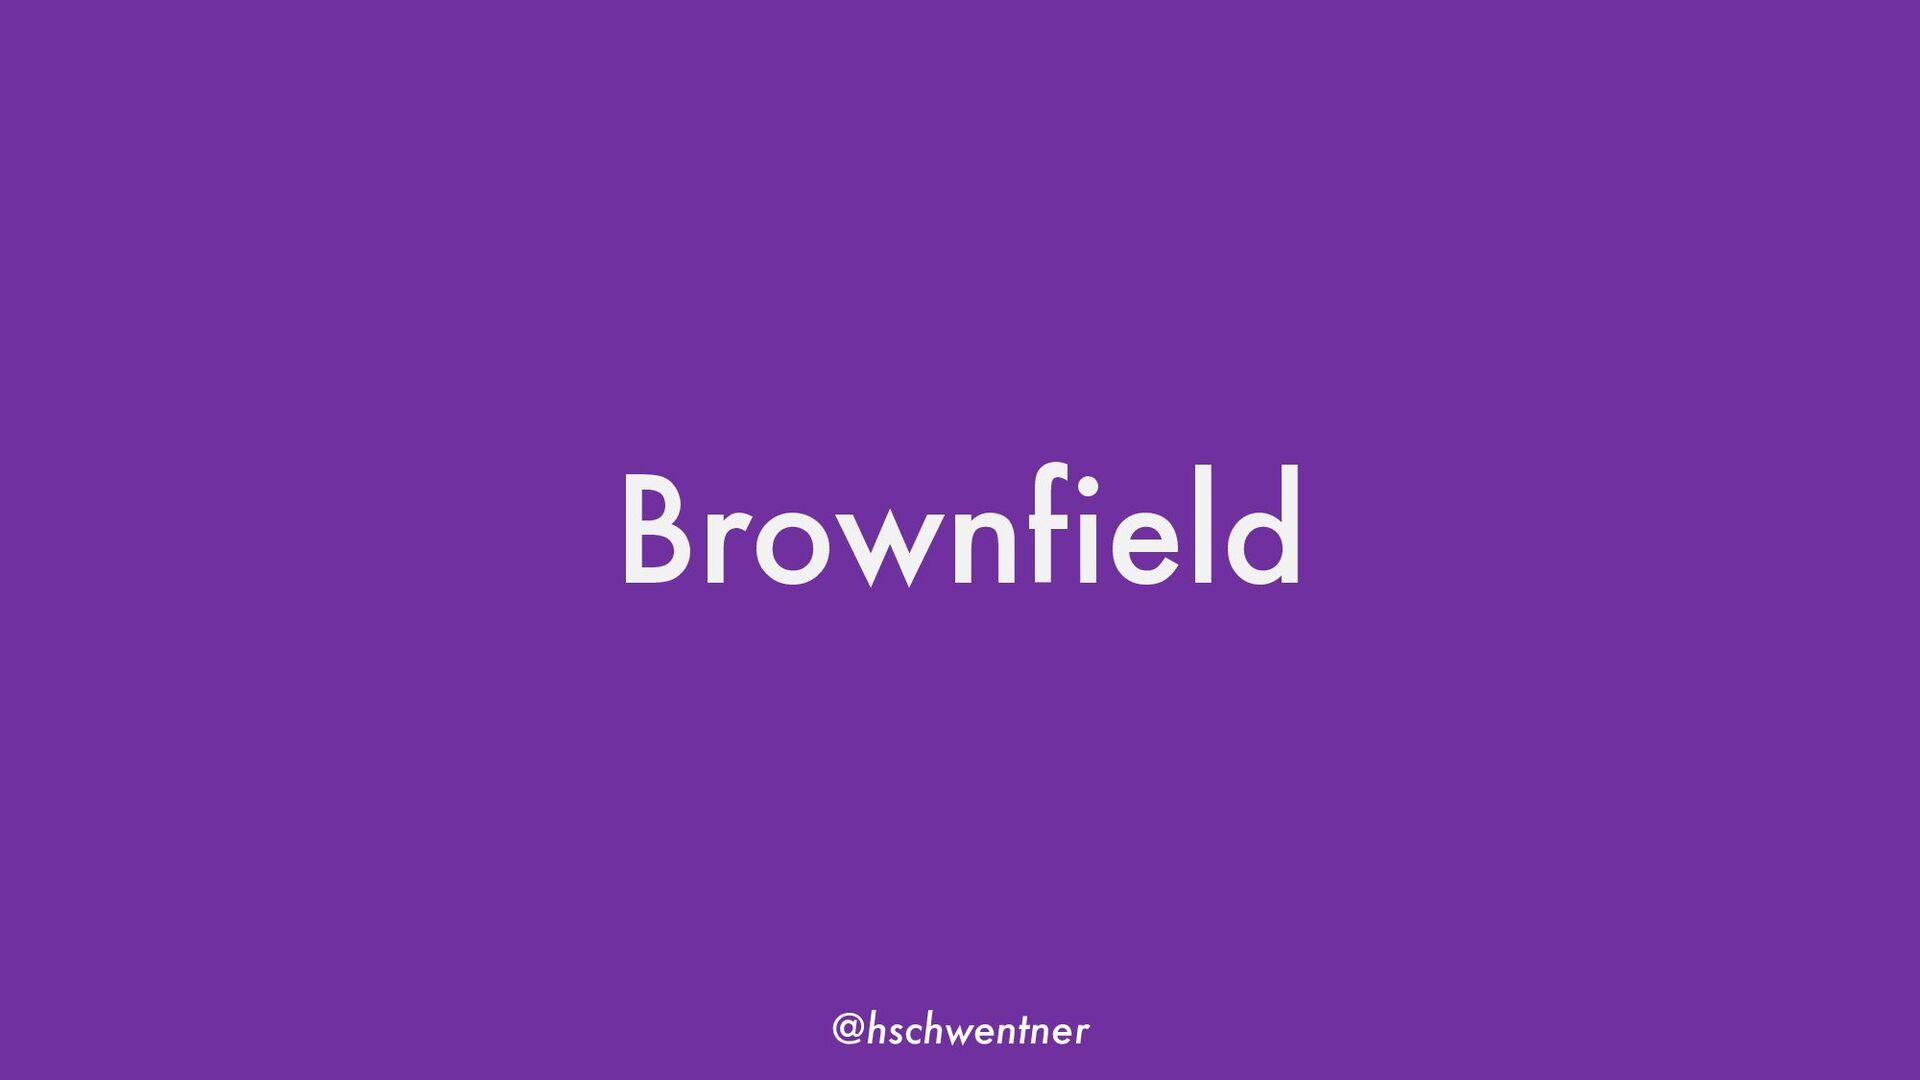 Buy it on Amazon.com: https://amzn.to/3nF34nI